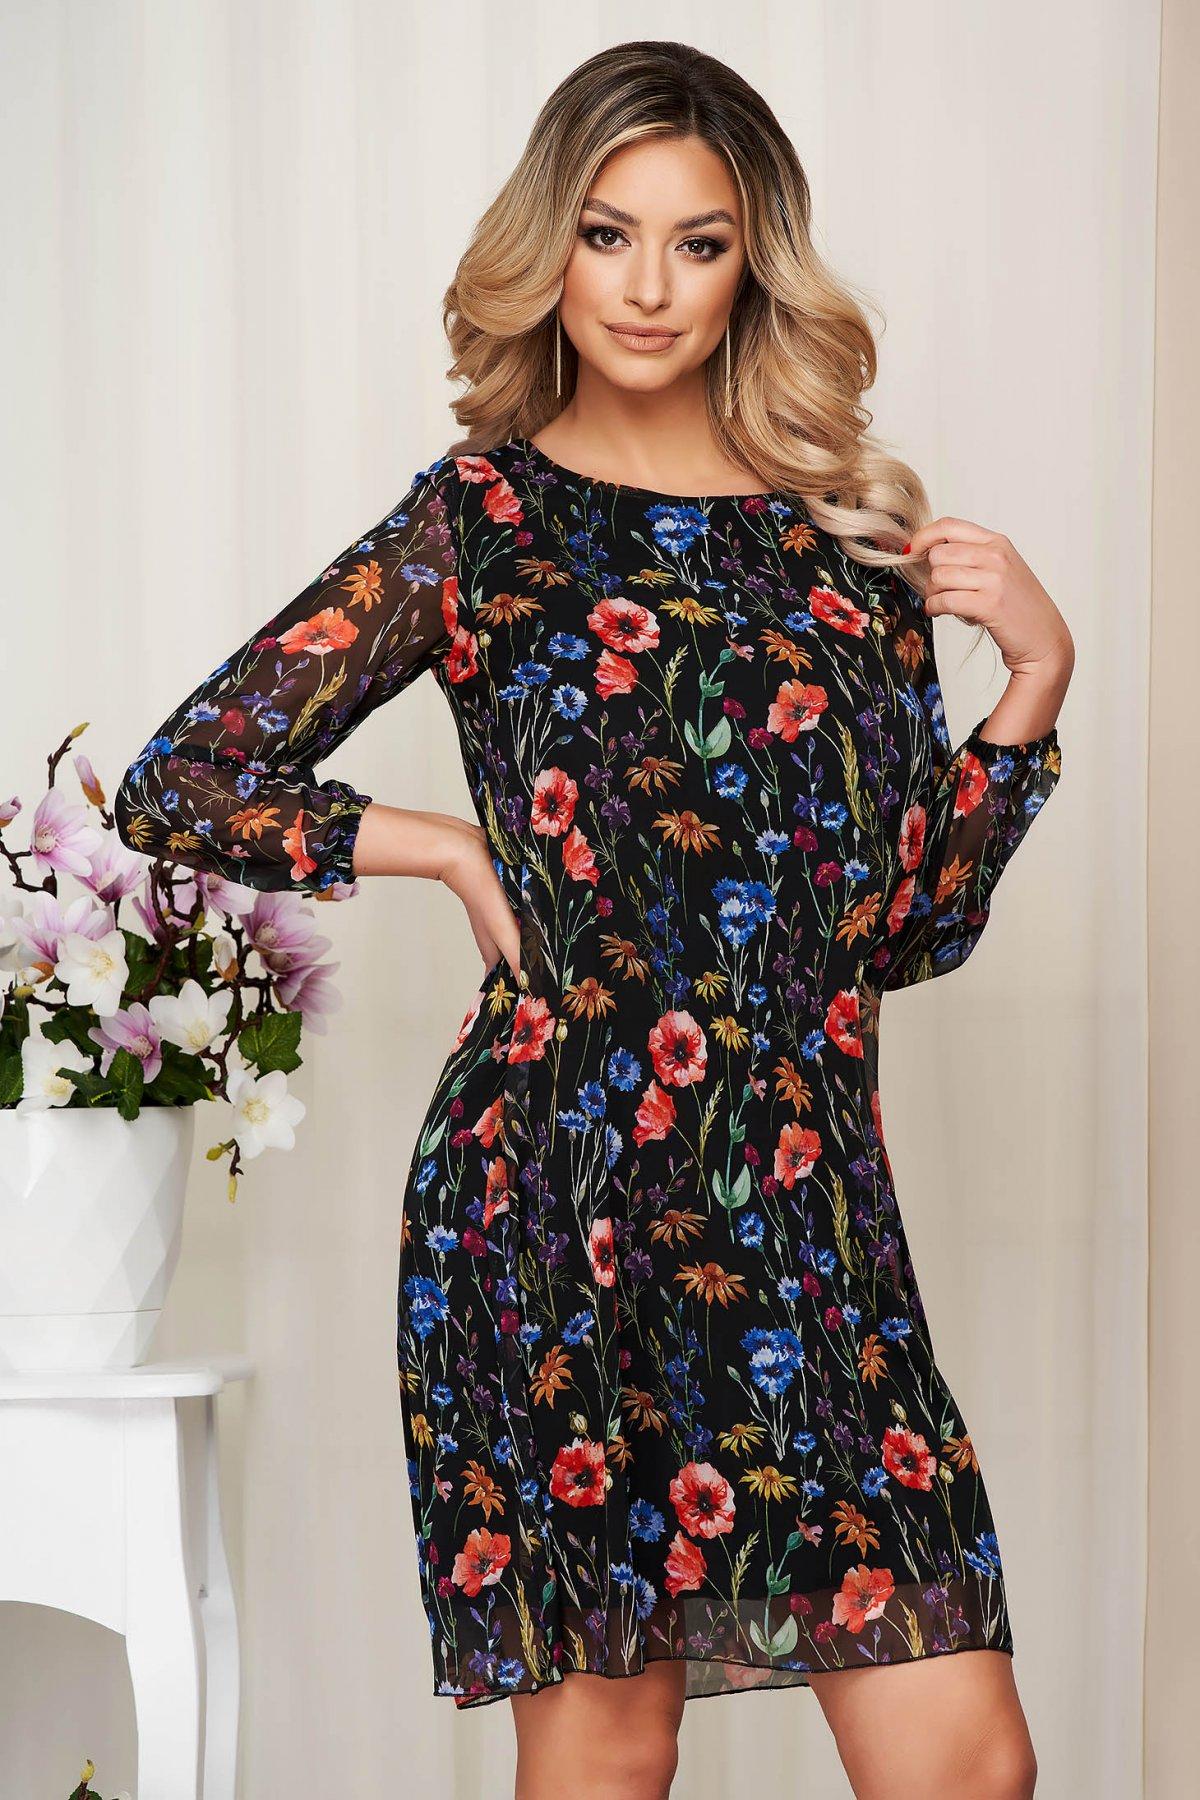 Rochie neagra din voal cu imprimeu floral captusita pe interior - medelin.ro